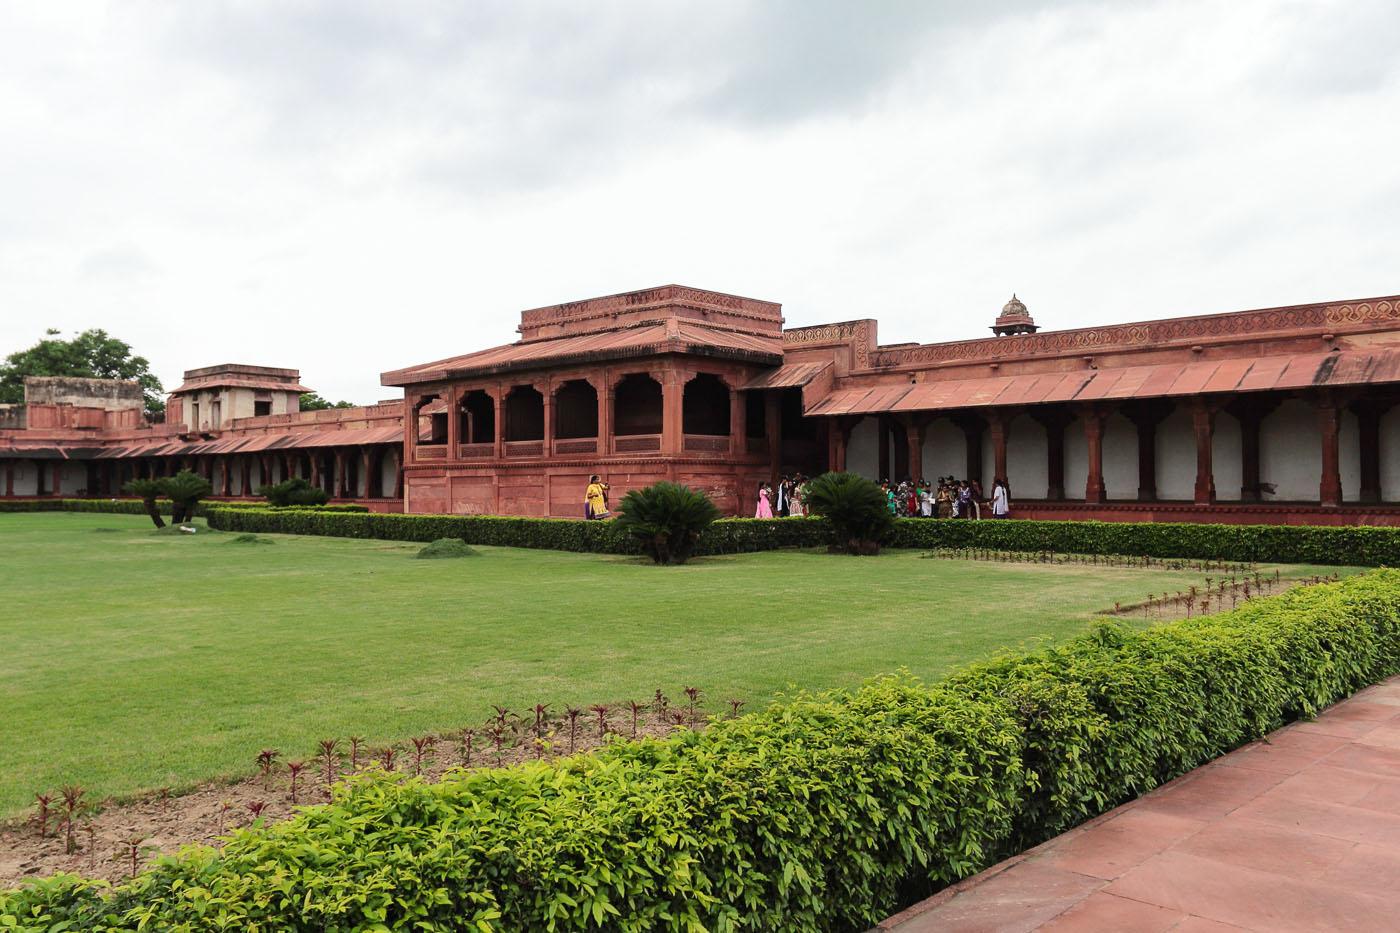 Фотография 5. Поездка из Джайпура в Агру. Первый внутренний двор. Отзывы туристов о путешествии в Индию.